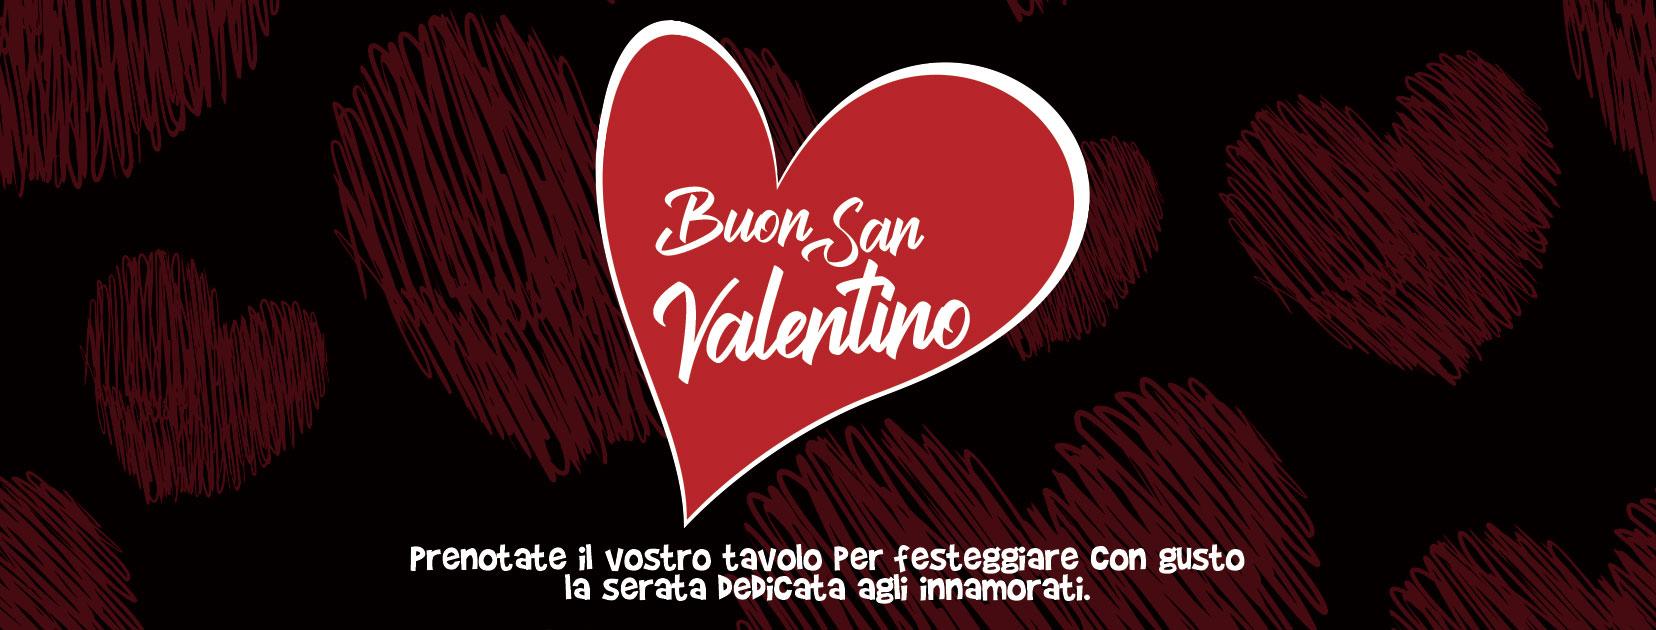 copertina_san_valentino